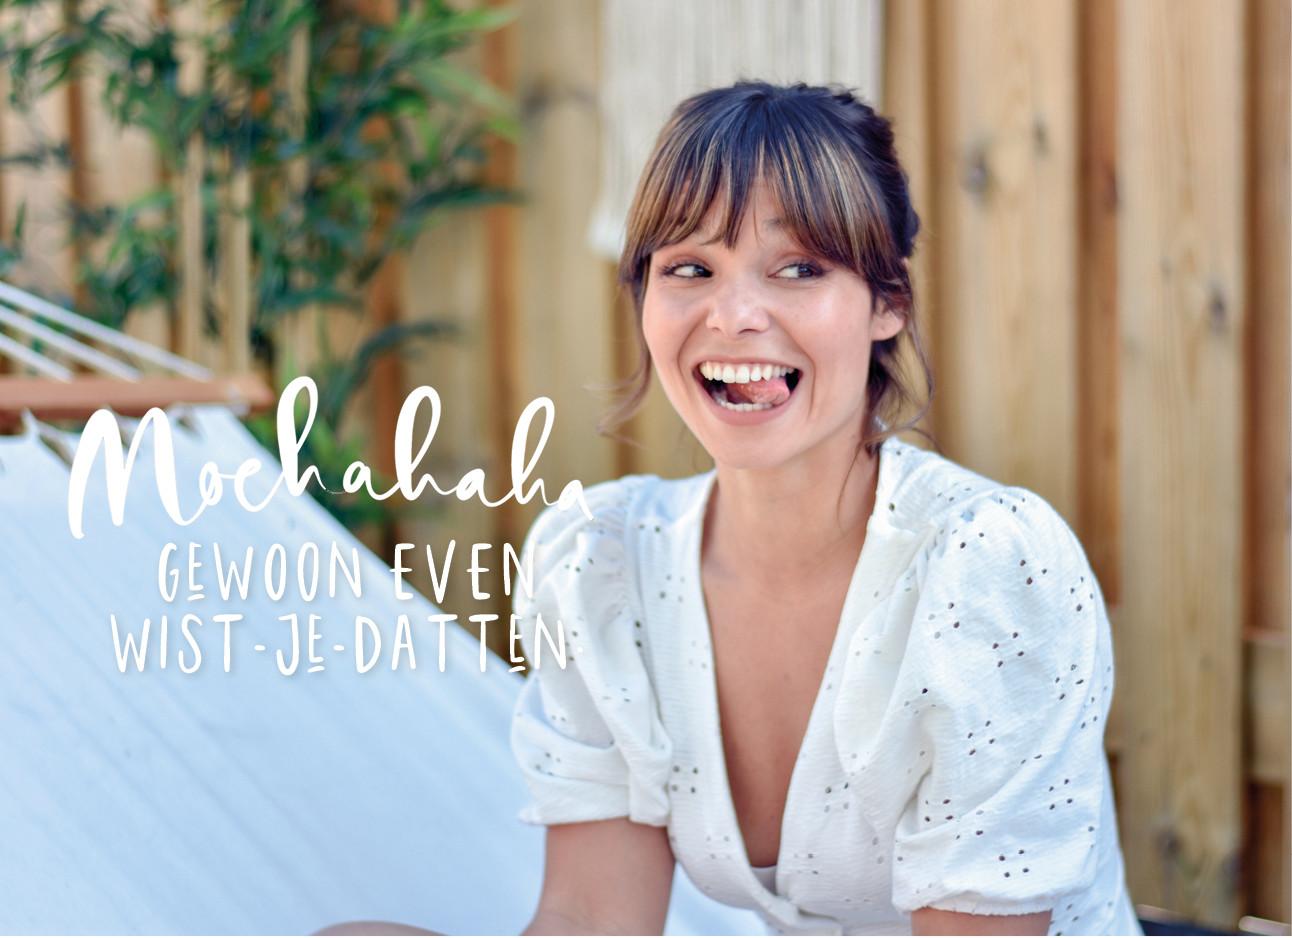 Kiki lachend en haar tong uitsteken in een wit jurkje in de tuin